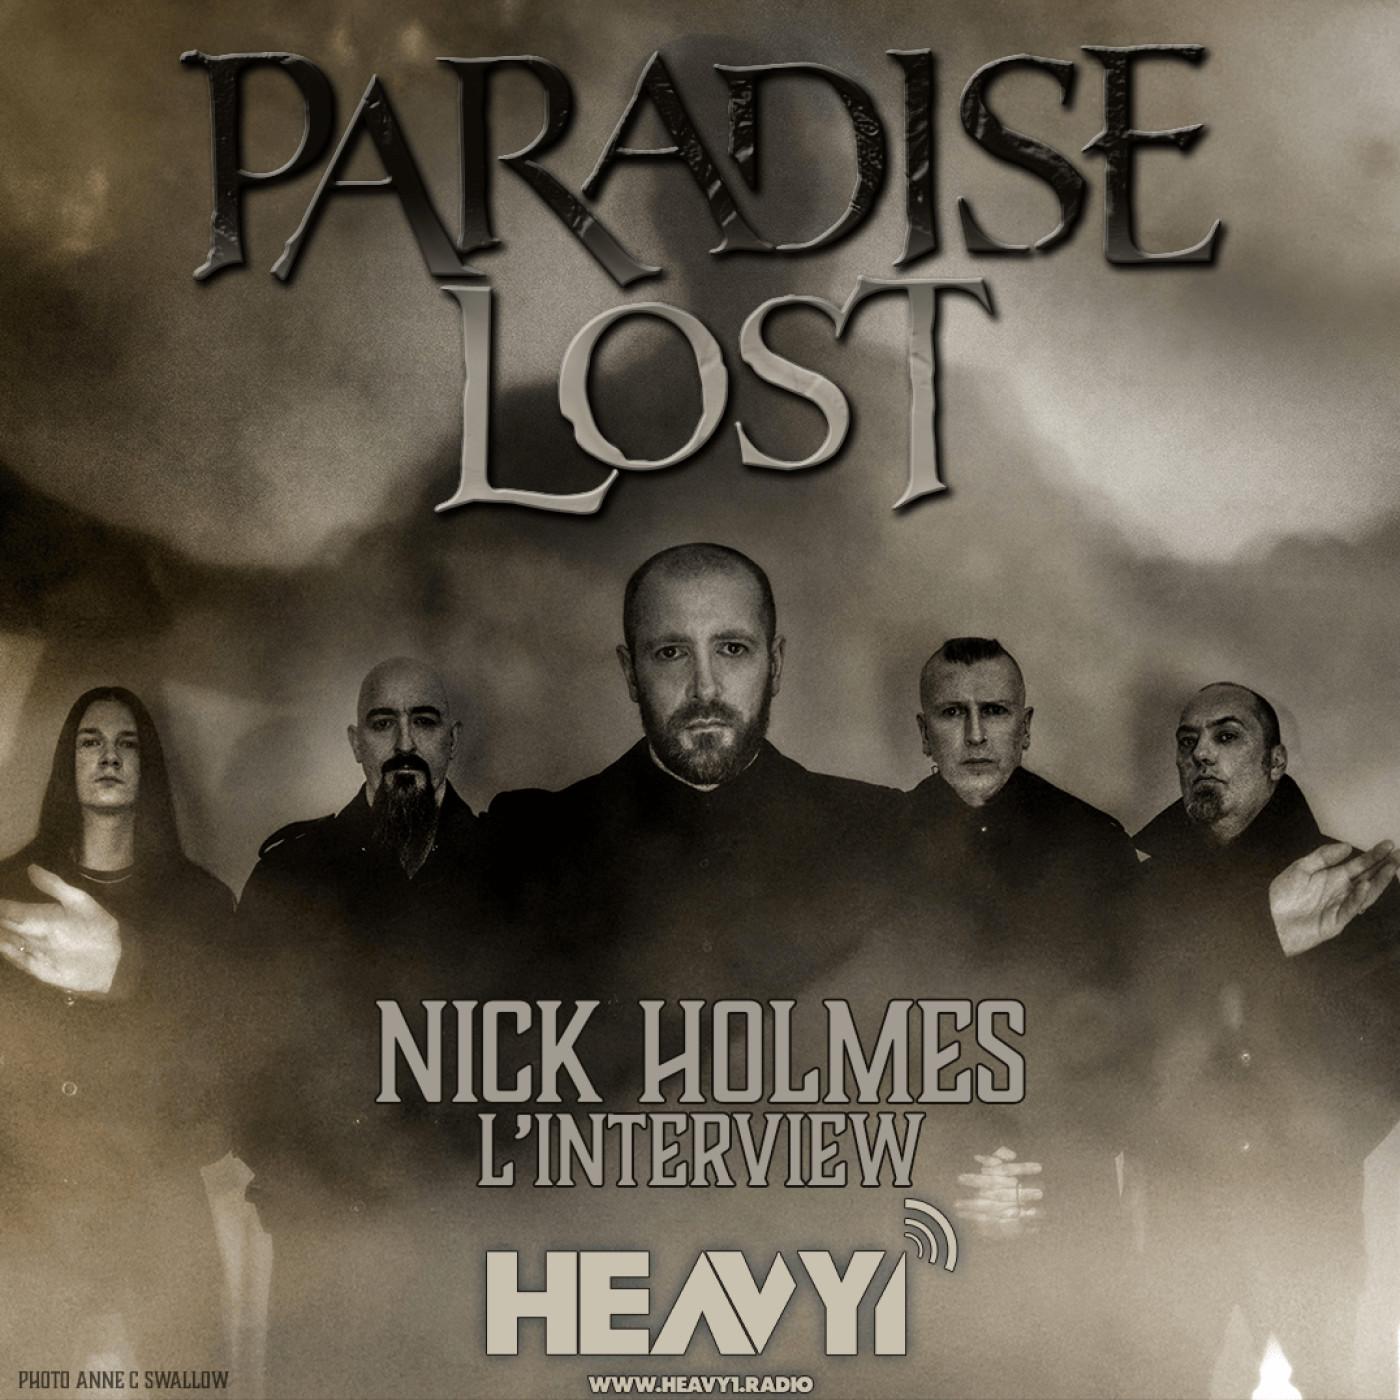 Entretien avec Nick Holmes de Paradise Lost